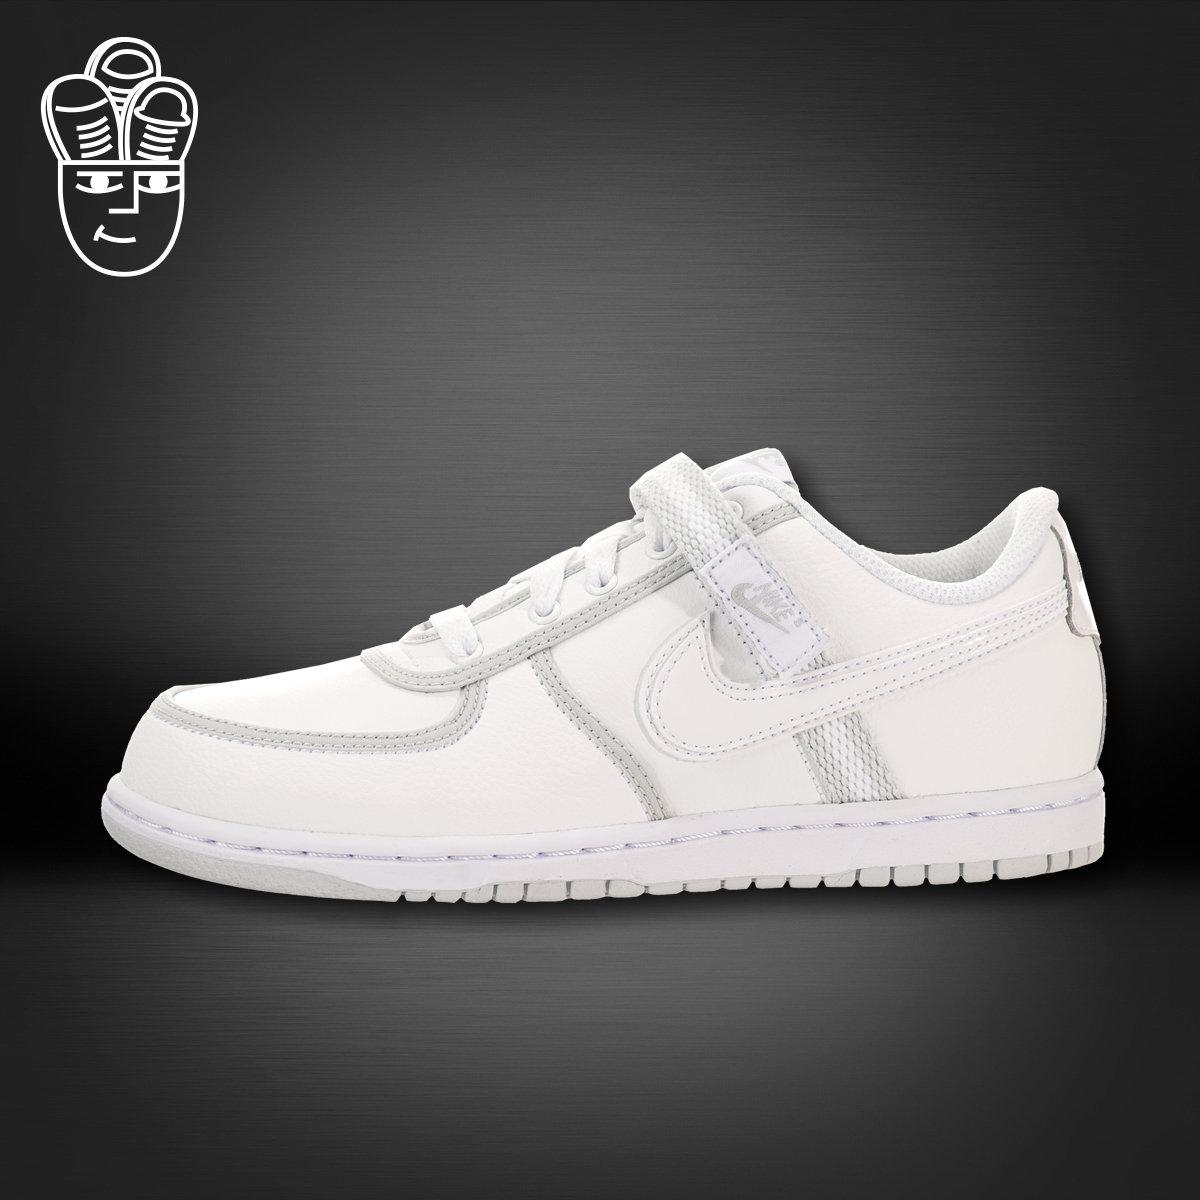 Детская спортивная обувь Nike  Vandal Low детская обувь